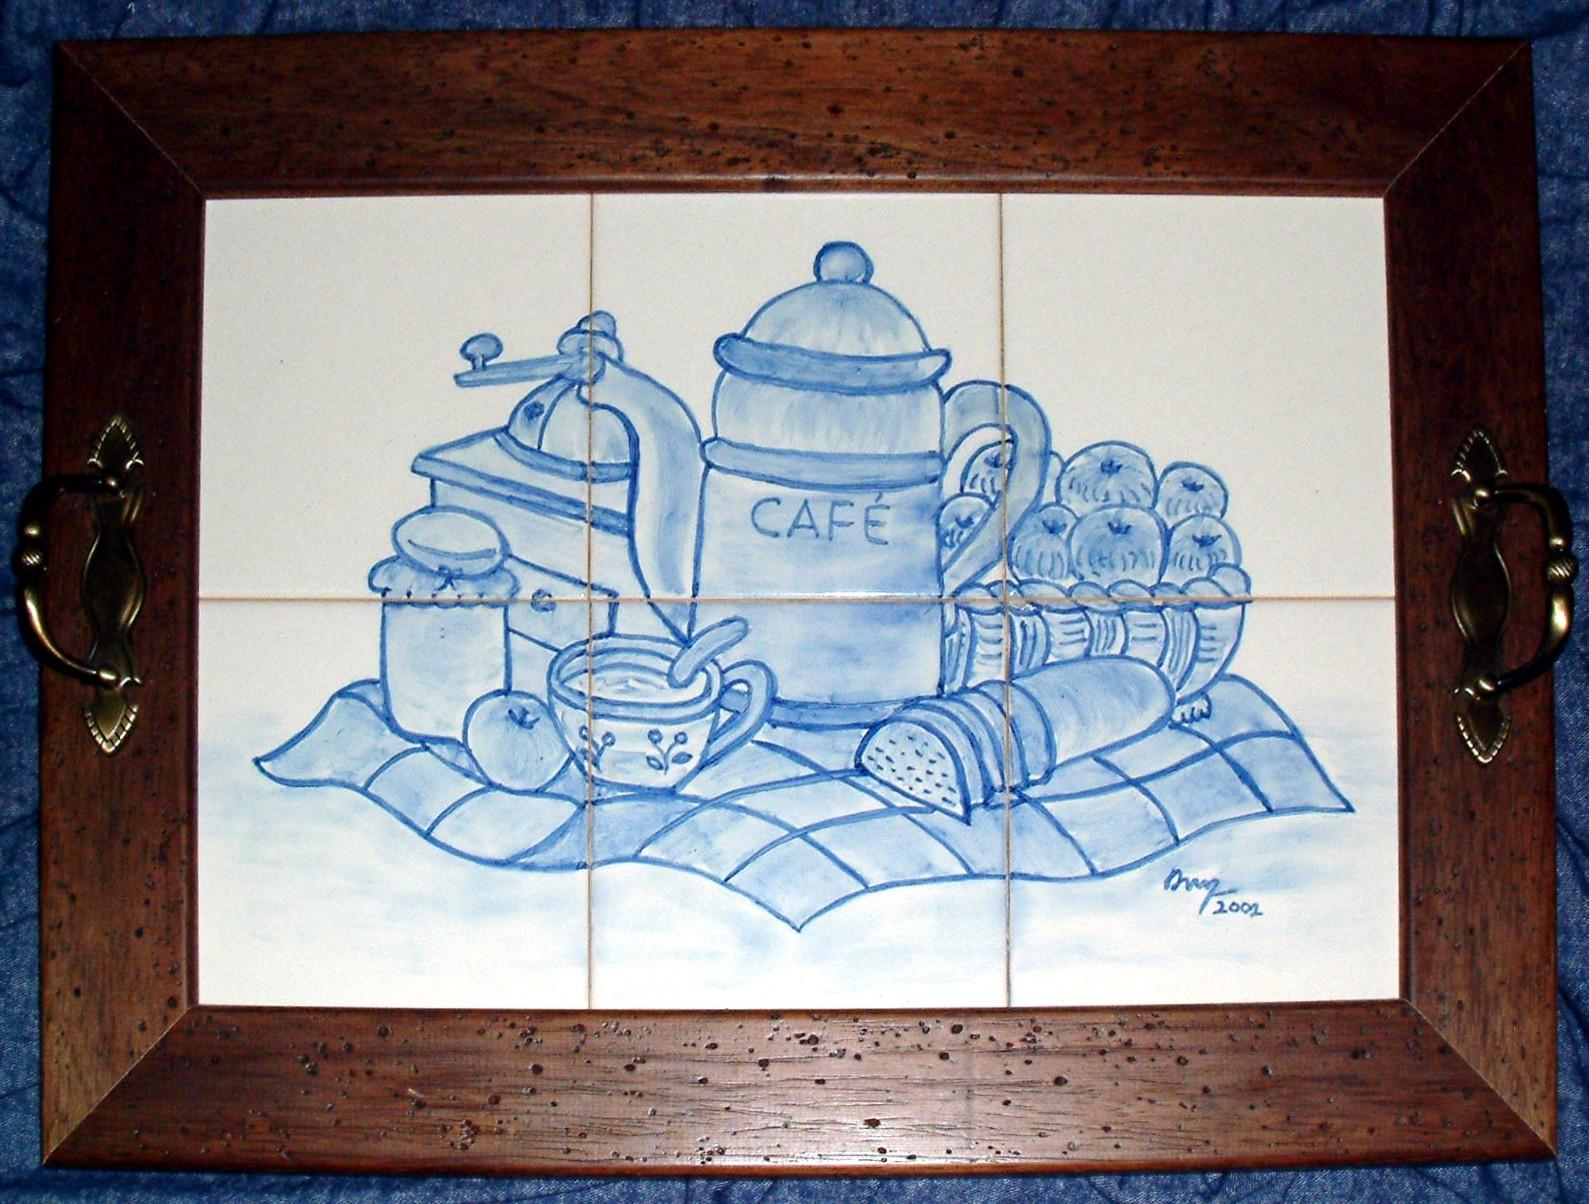 Pinturas de ana o 39 neill cesto composi o pintura em - Pintura de azulejos ...